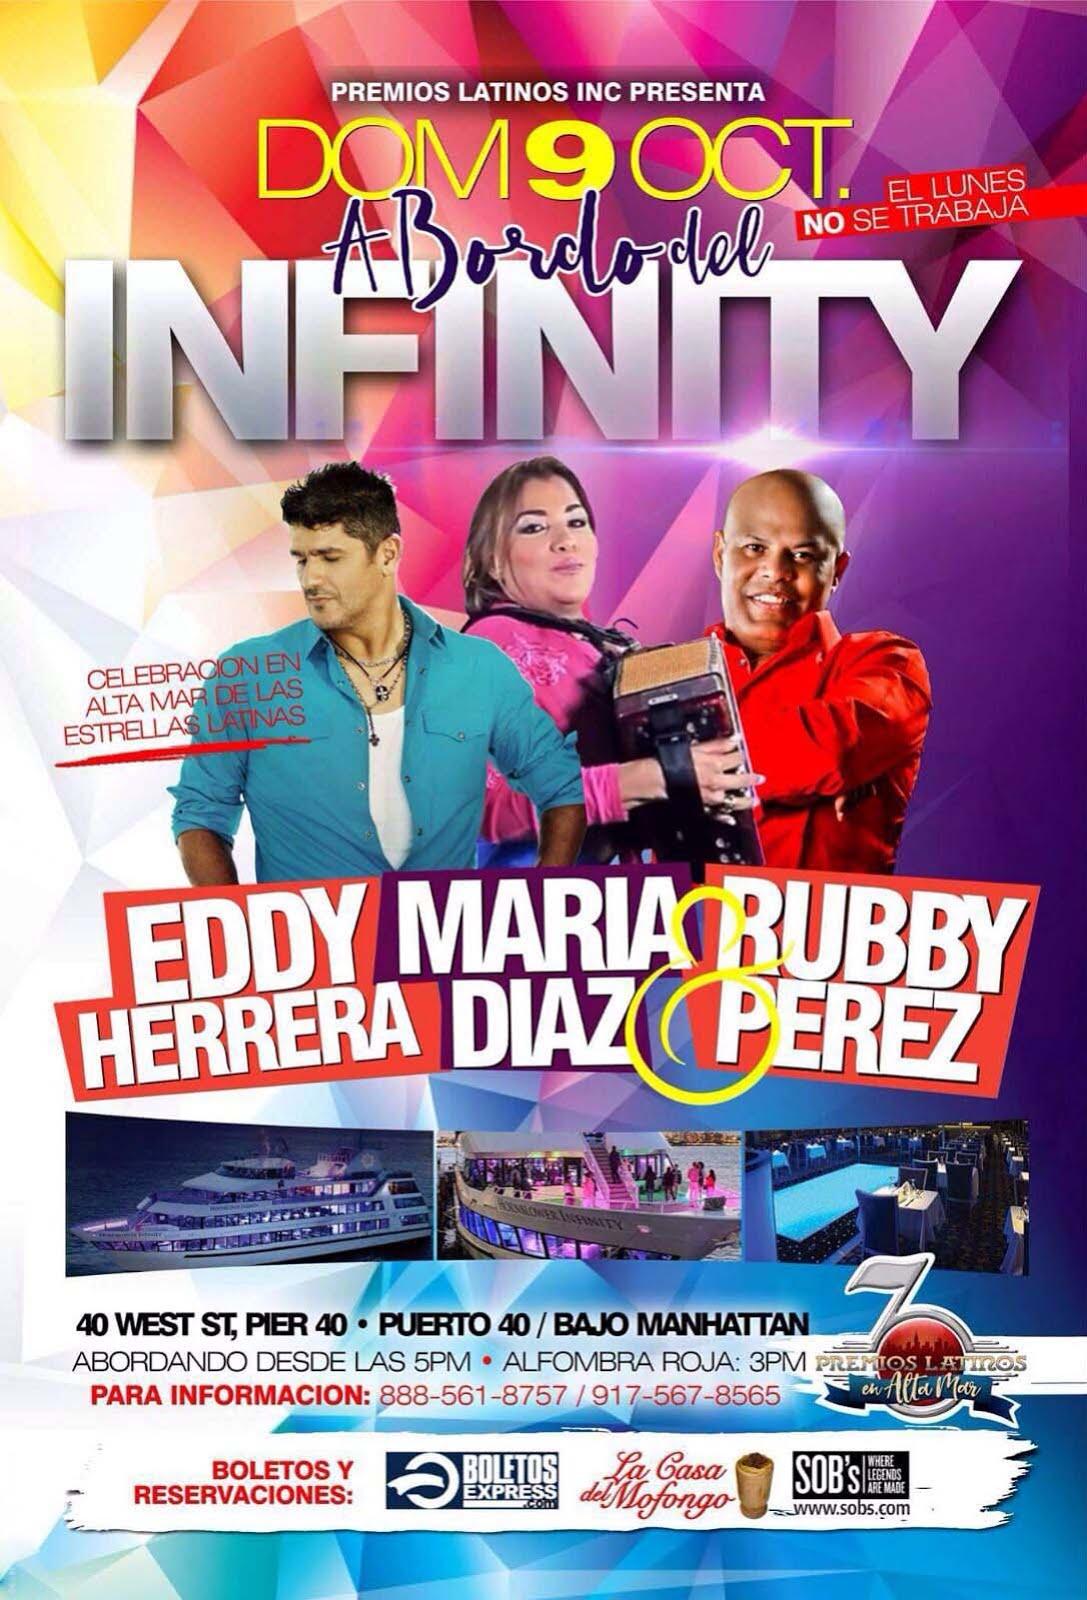 EDDY HERRERA...MARIA DIAZ y RUBBY PEREZ en el INFINITY EL YATE MAS LUJOSO DE NY